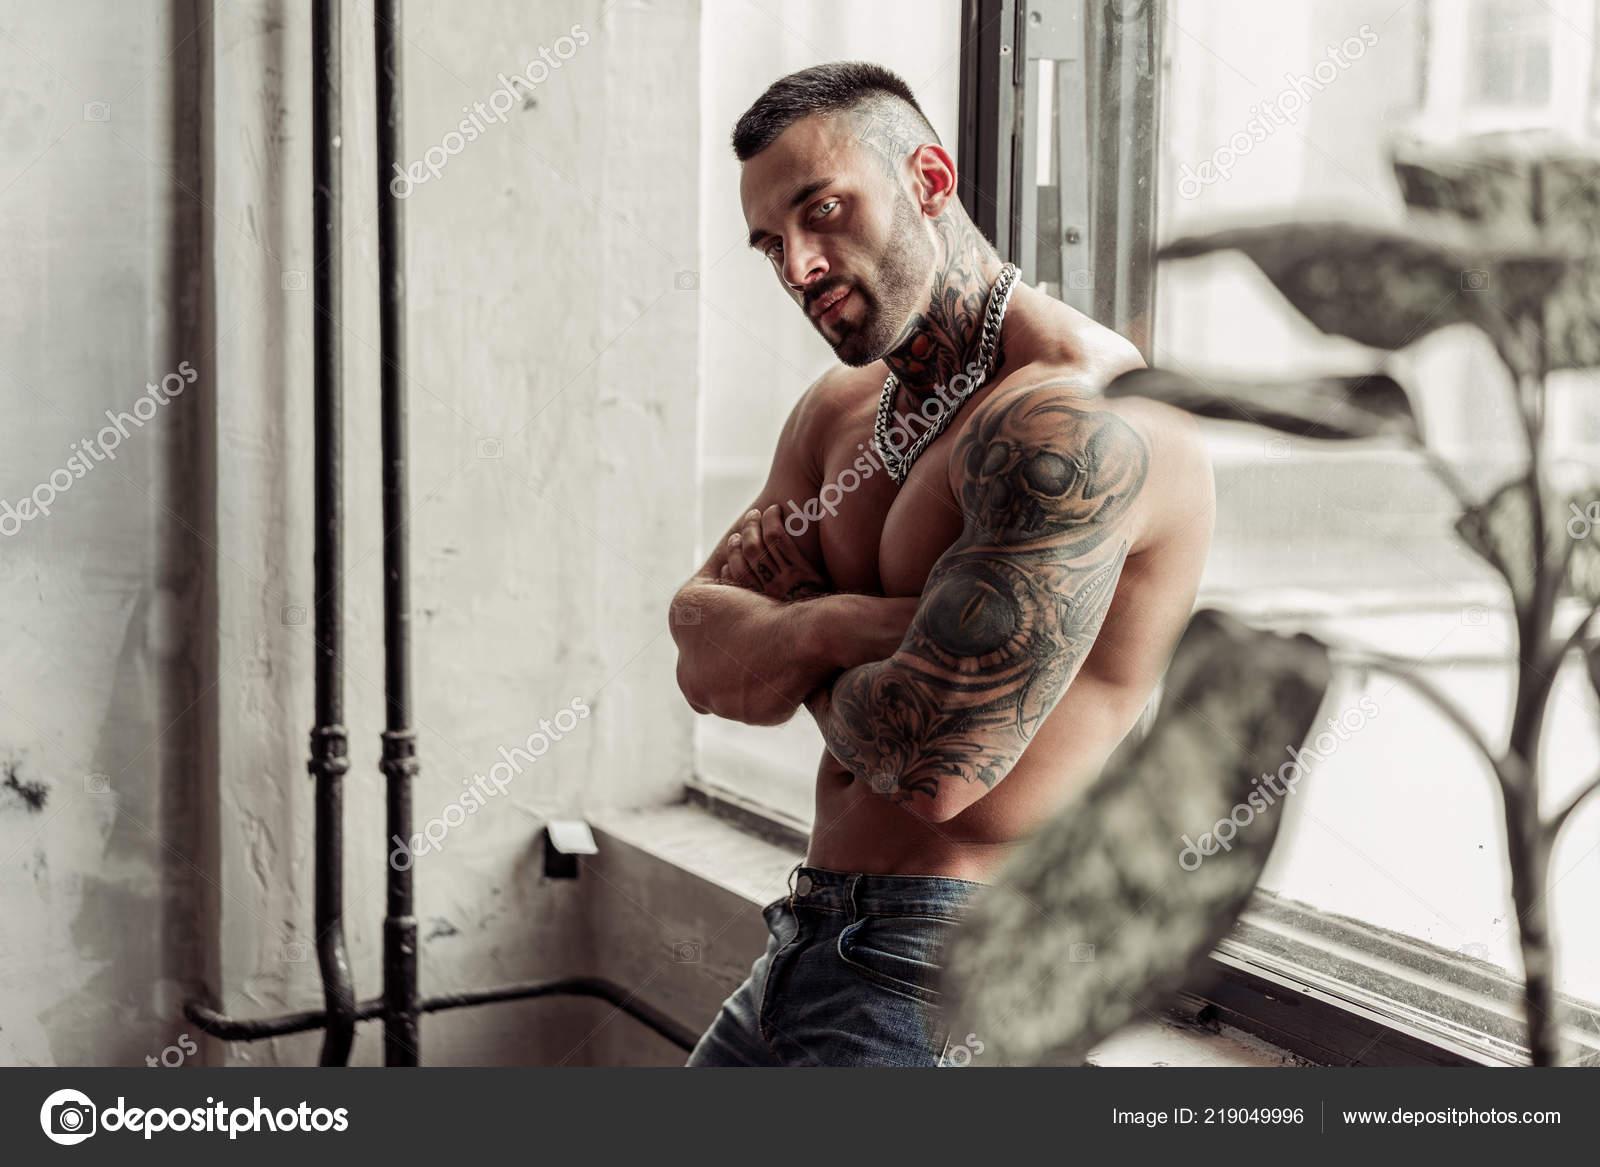 horké mužské modely nahé gay asijské cum porno